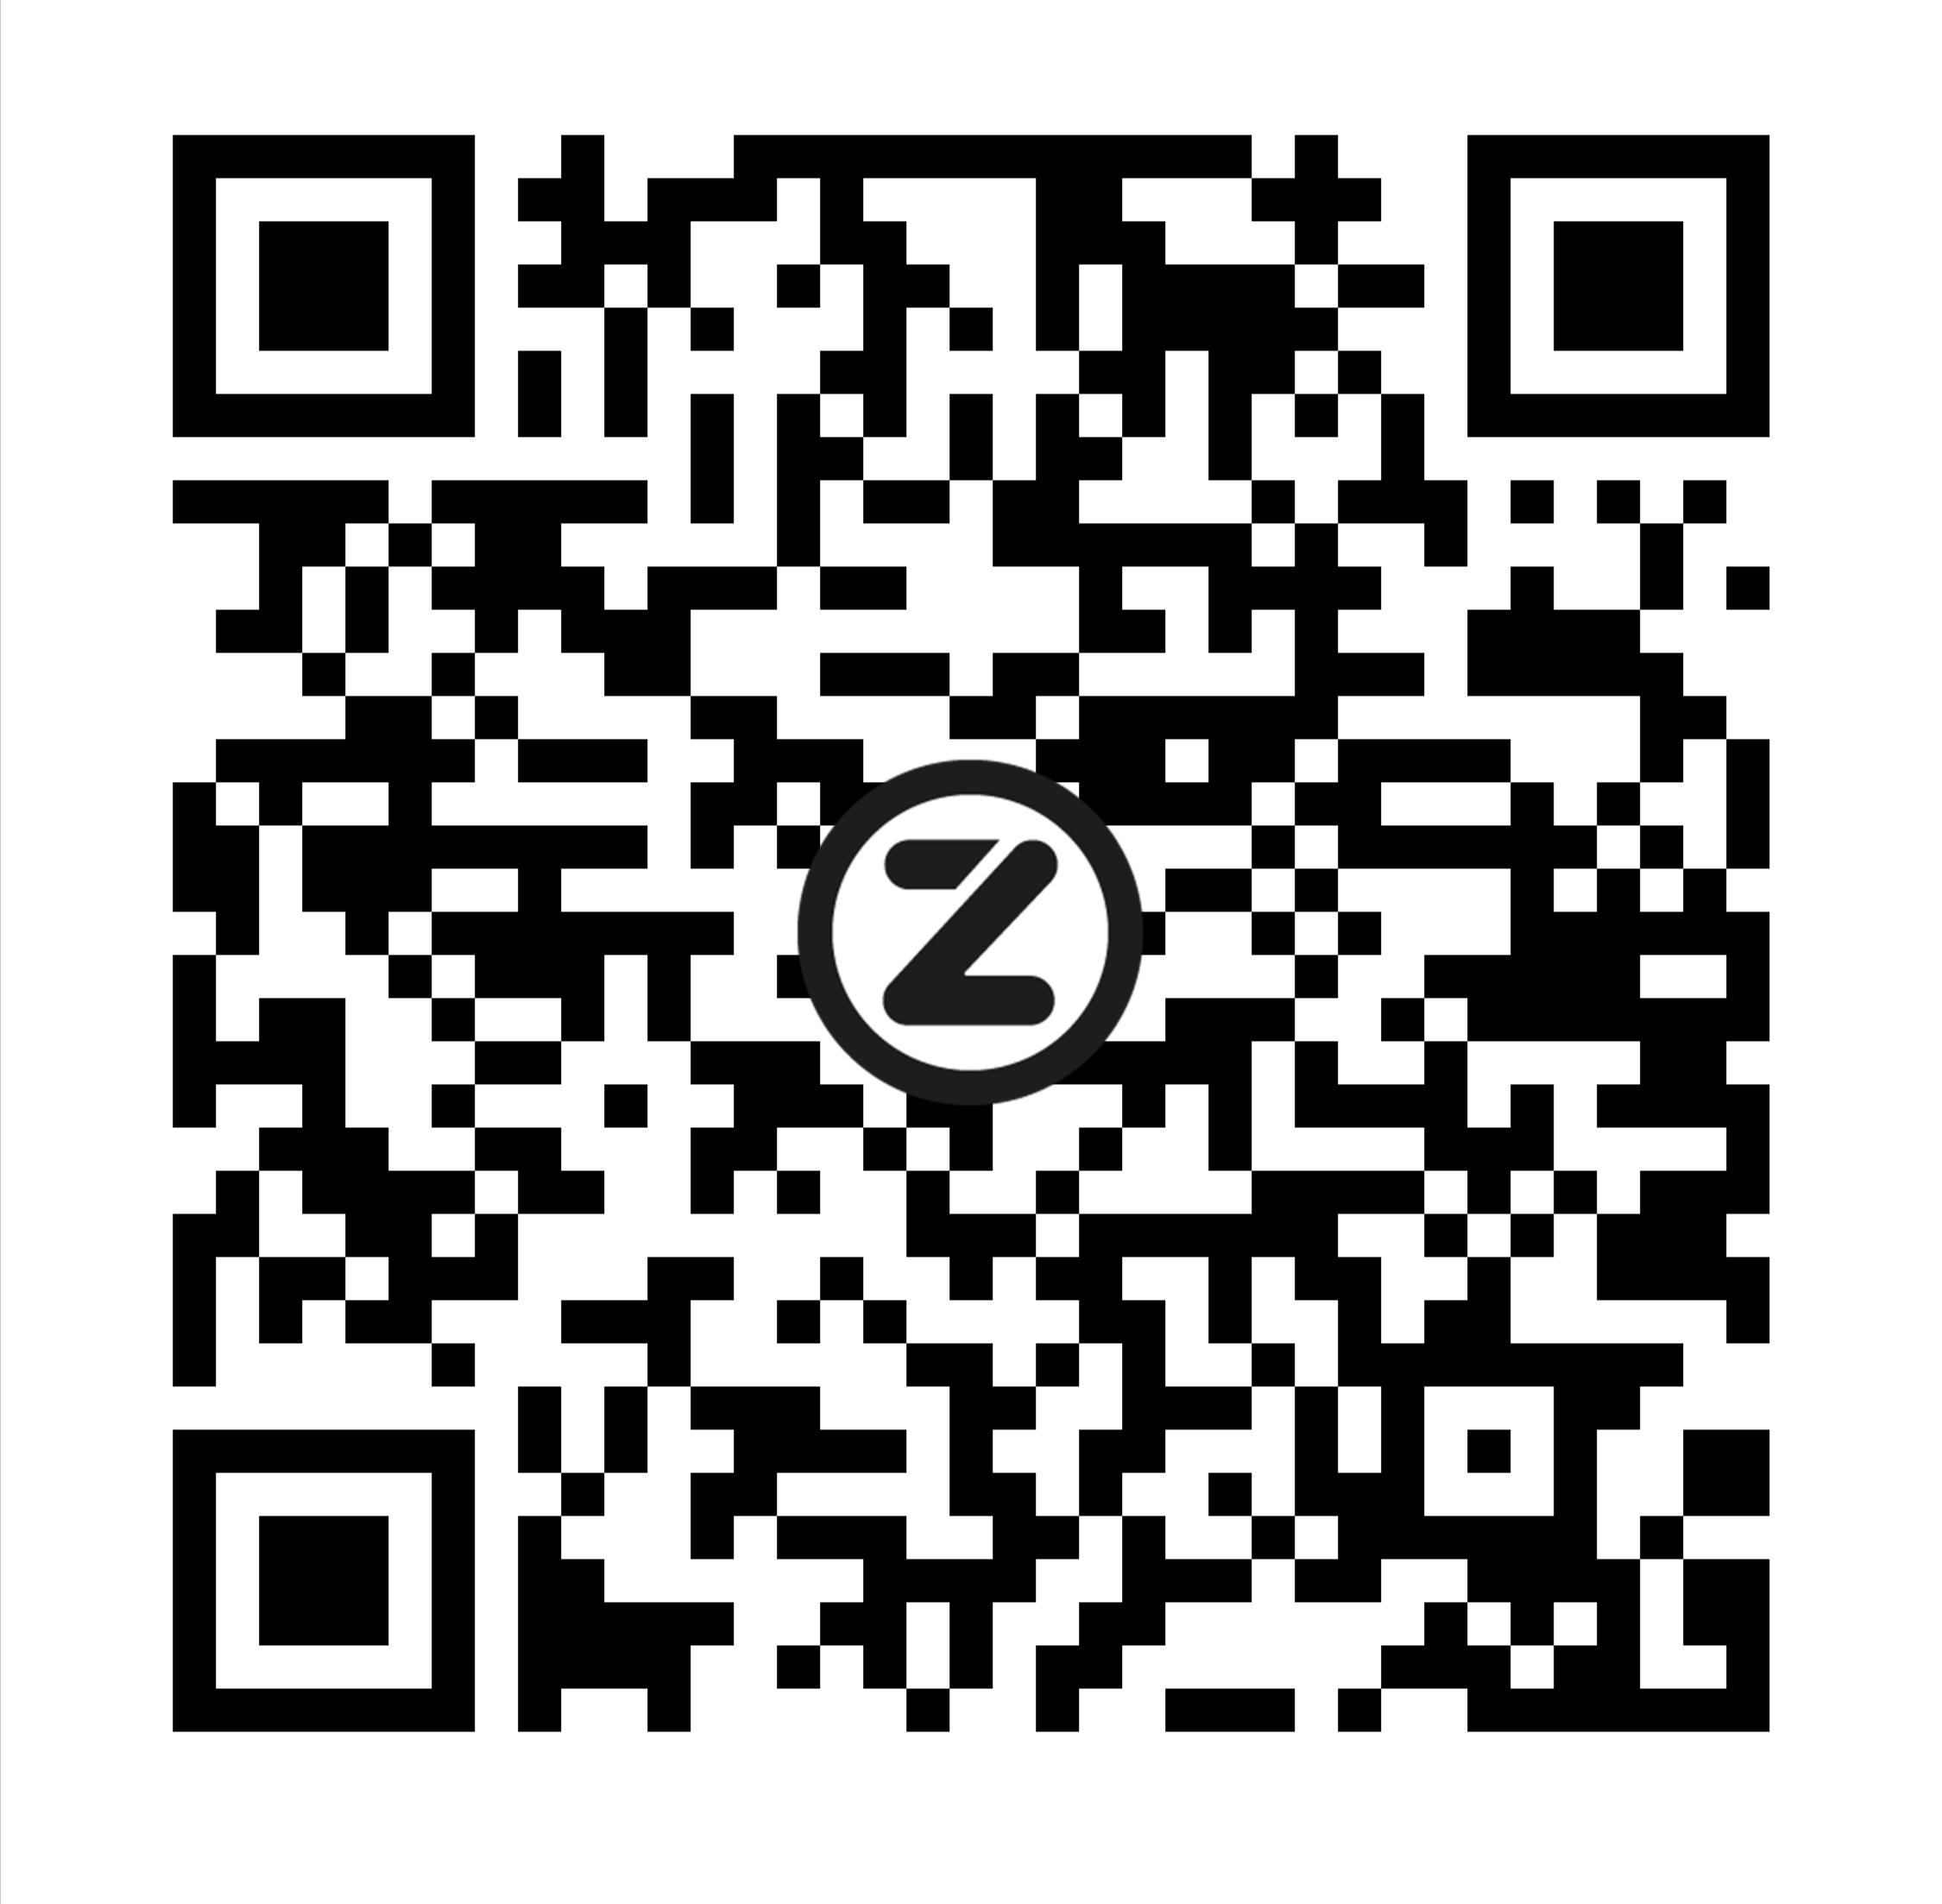 Zappier QR Code